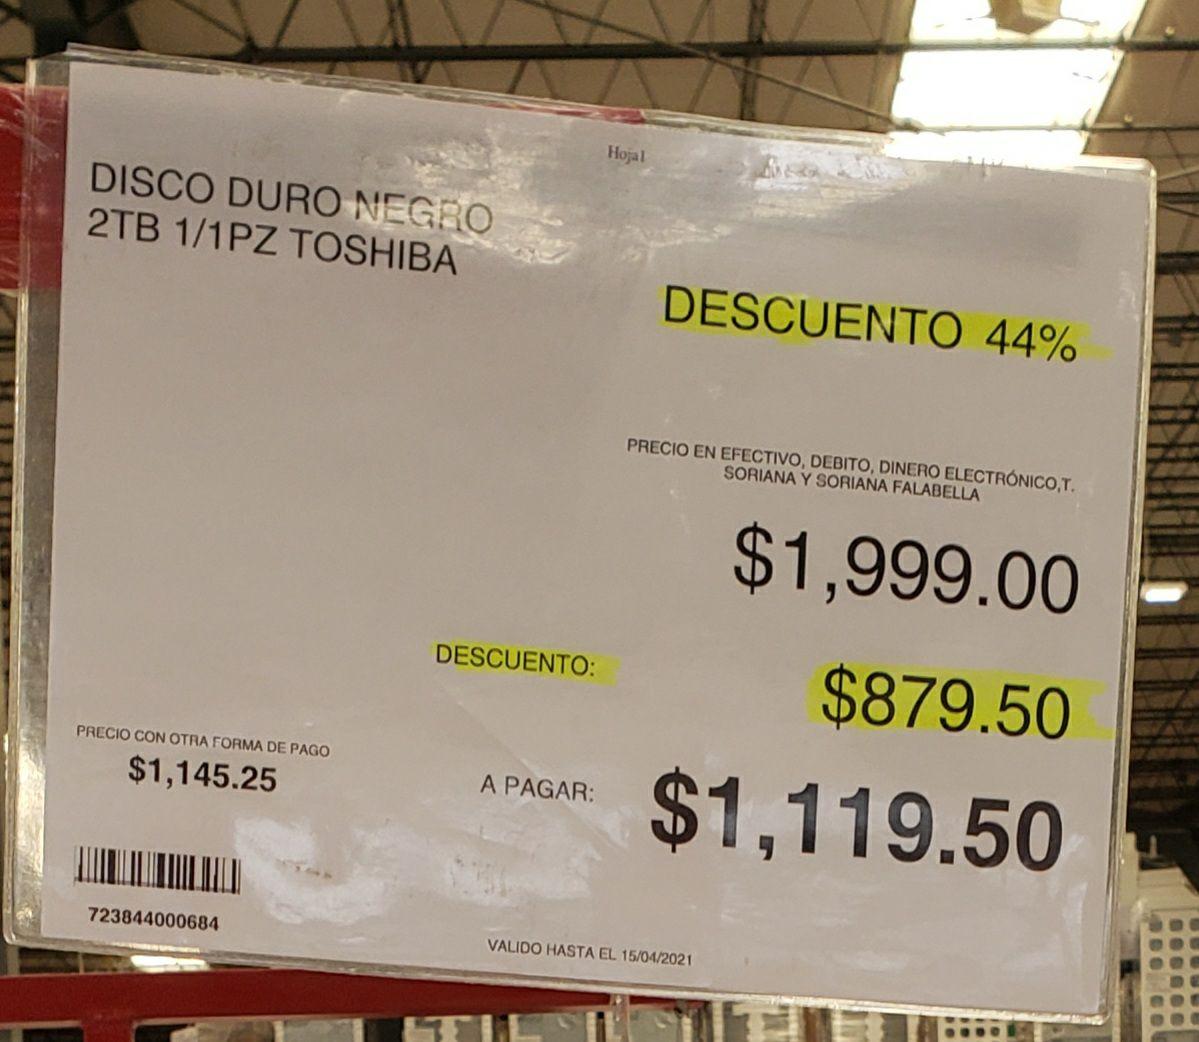 City Club: Disco duro externo Toshiba negro 2tb